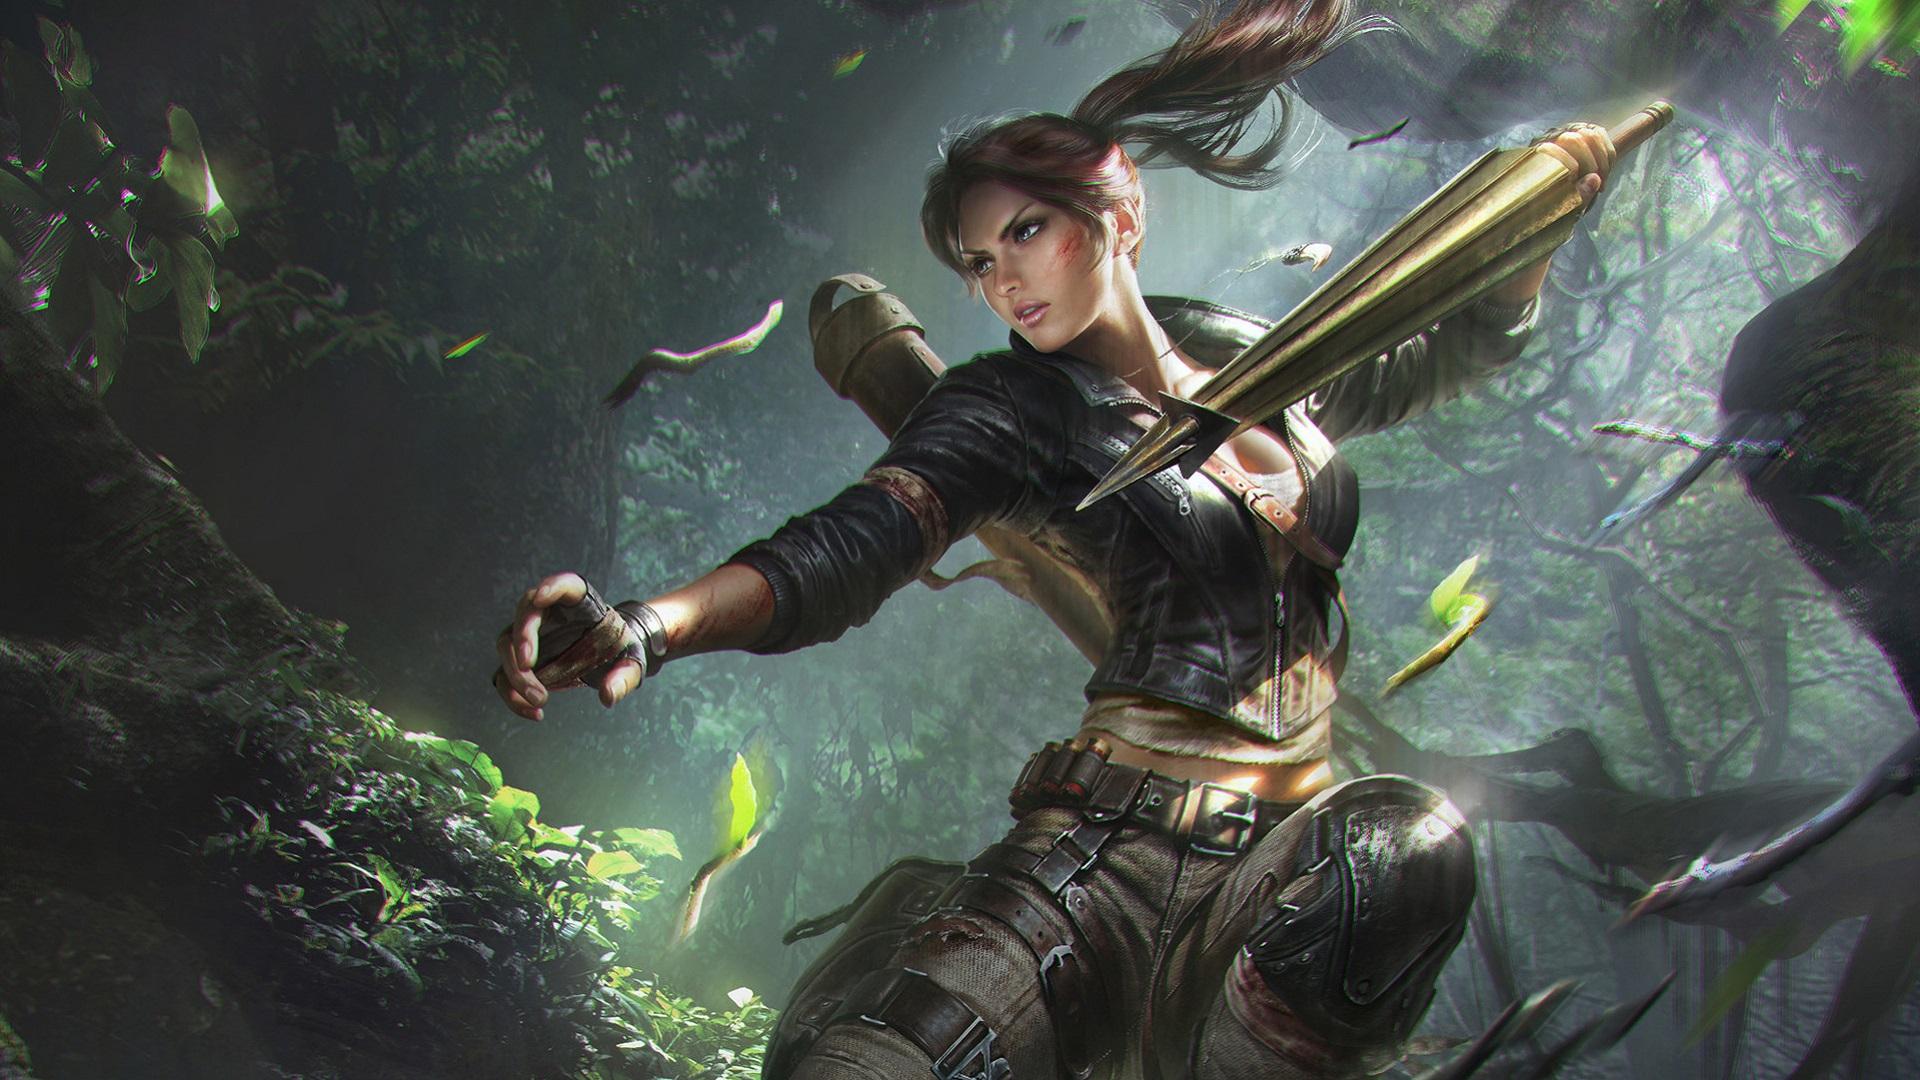 720x1280 Lara Croft Tomb Riader Digital Art Moto G,X